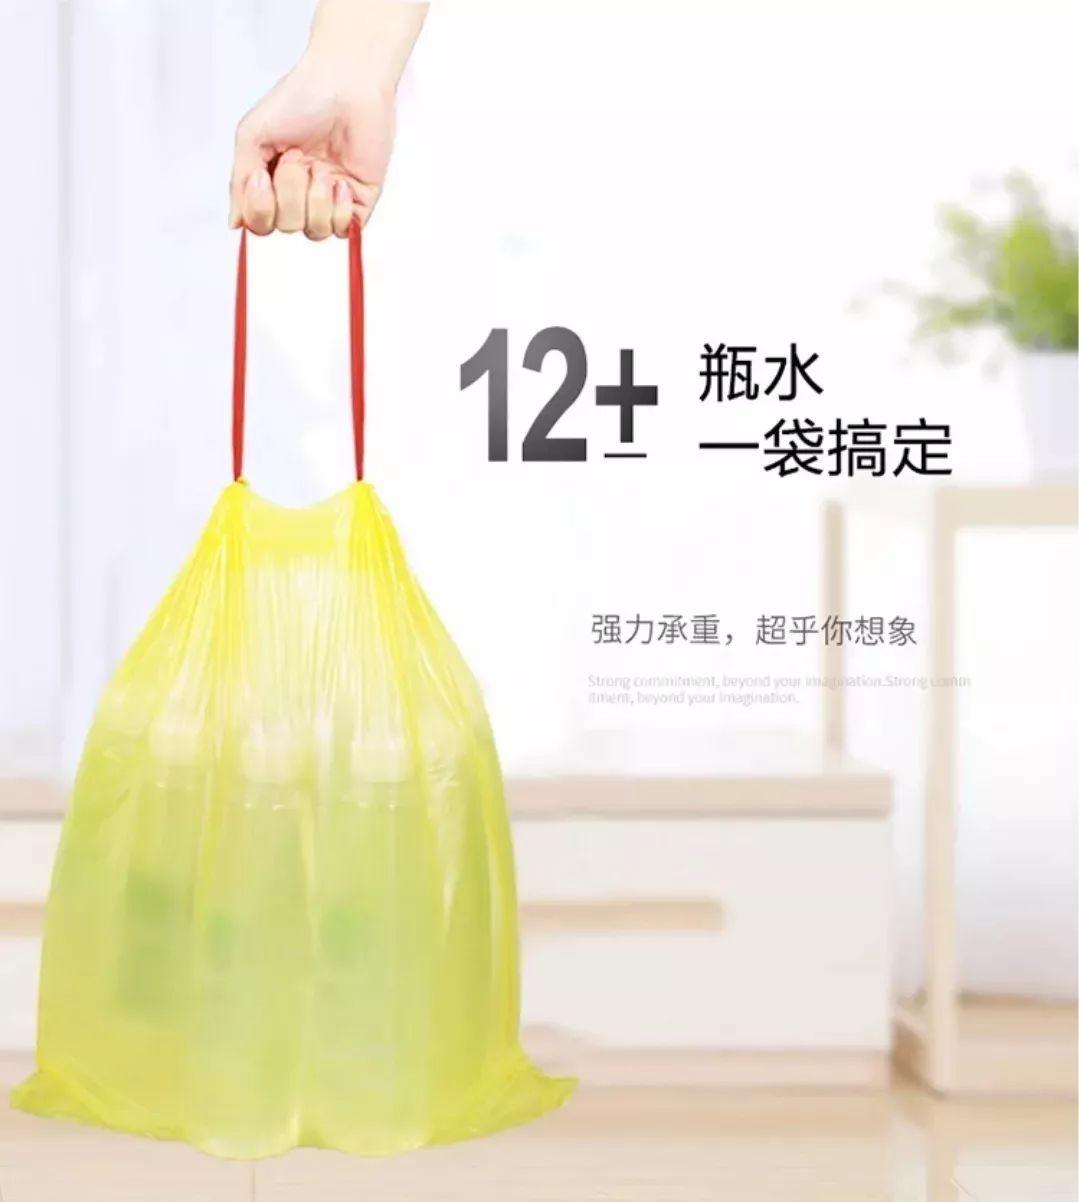 """【月銷90萬+】29.9元=150個""""佳曼""""正品加厚自動收口垃圾袋,買一次夠用一整年!"""